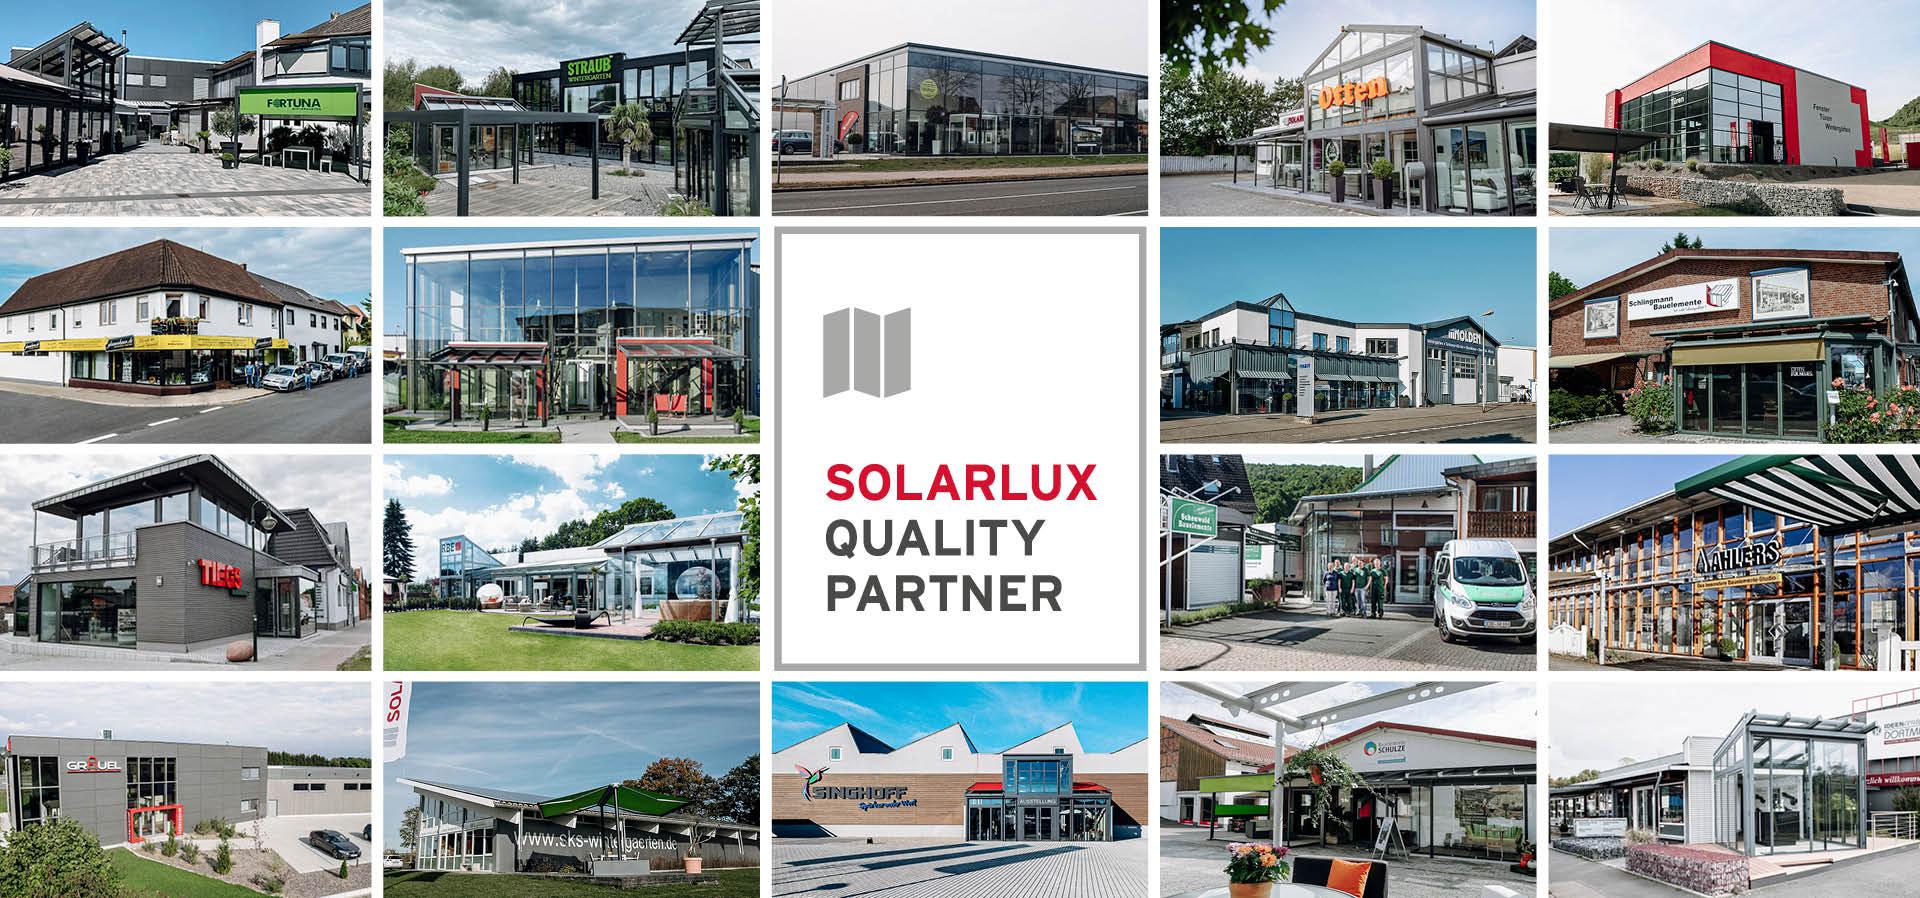 Solarlux-Quality -Partner-Stellenanzeigen